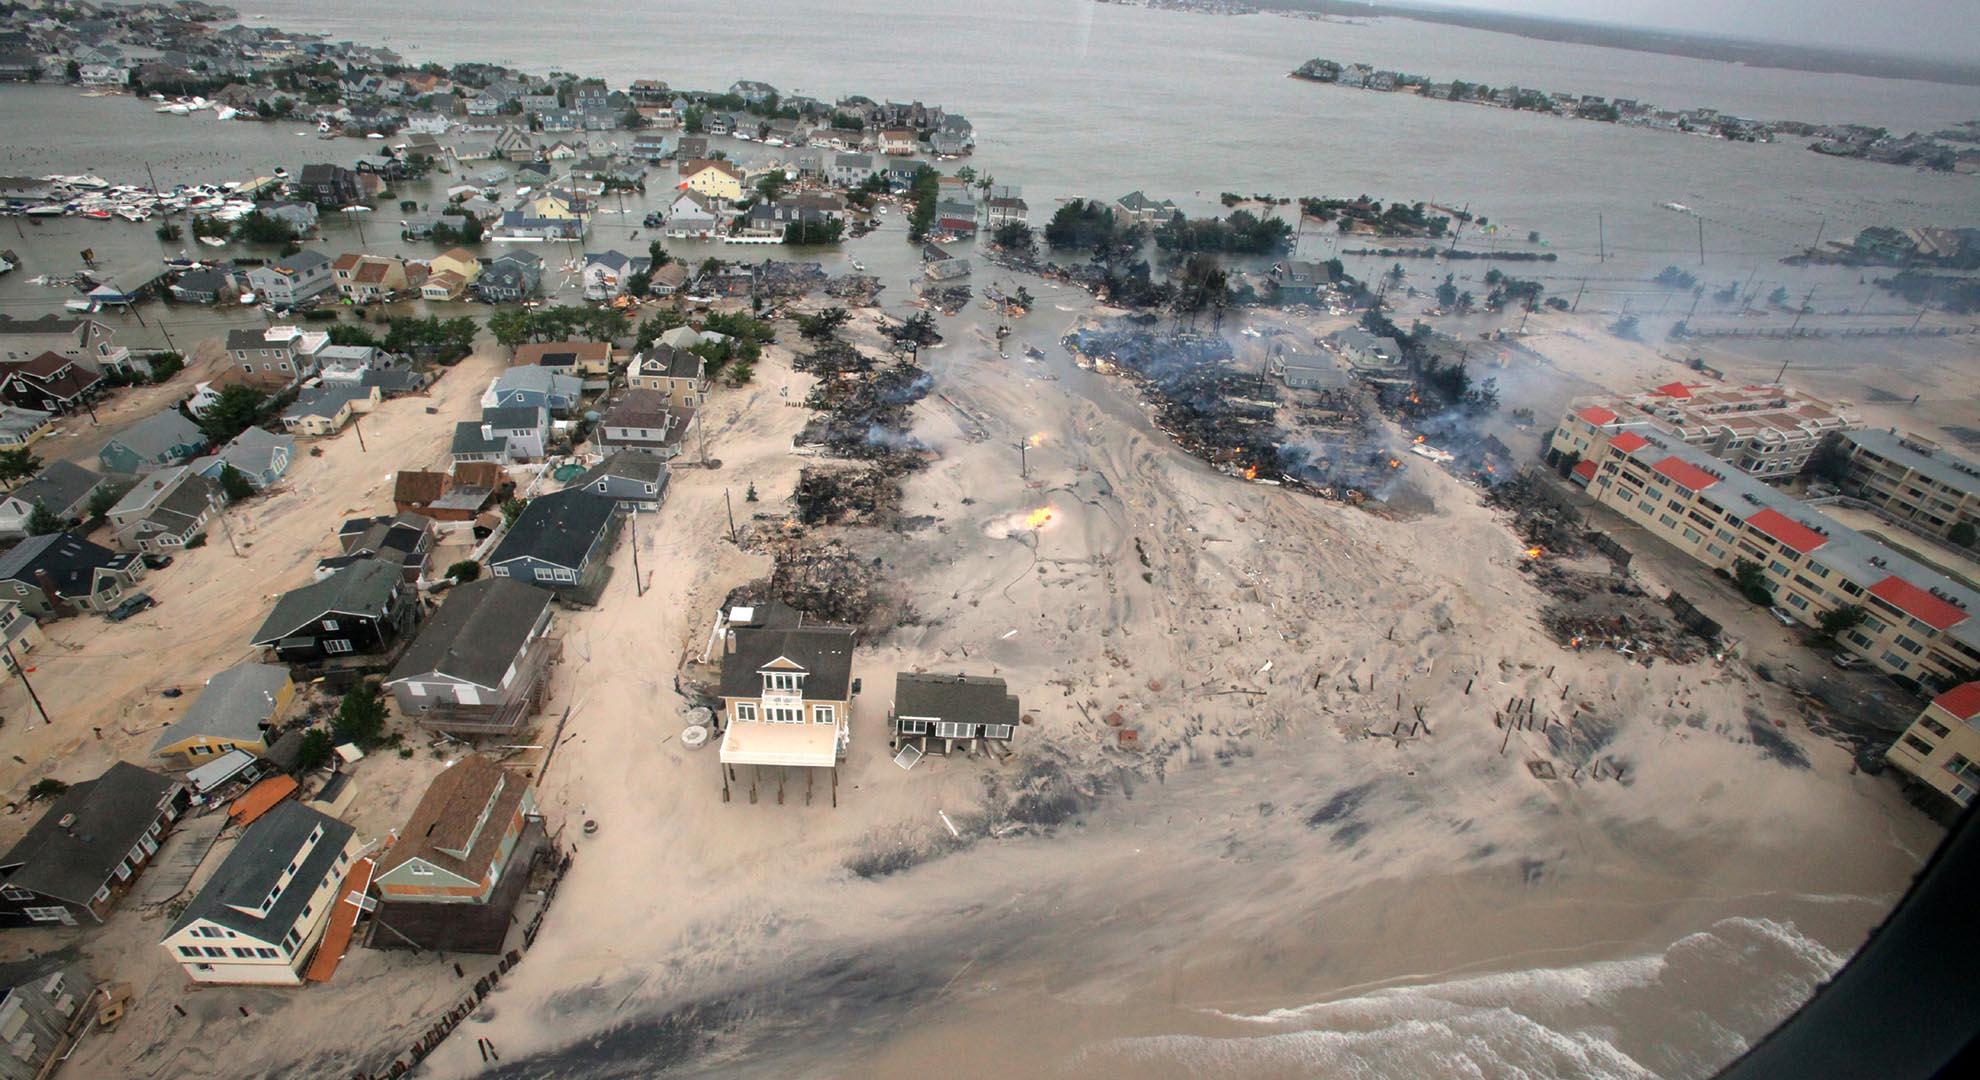 Habitantes de muchos lugares arrasados por fenómenos meteorológicos viven el traslado de la ciudad como una cuestión temporal.